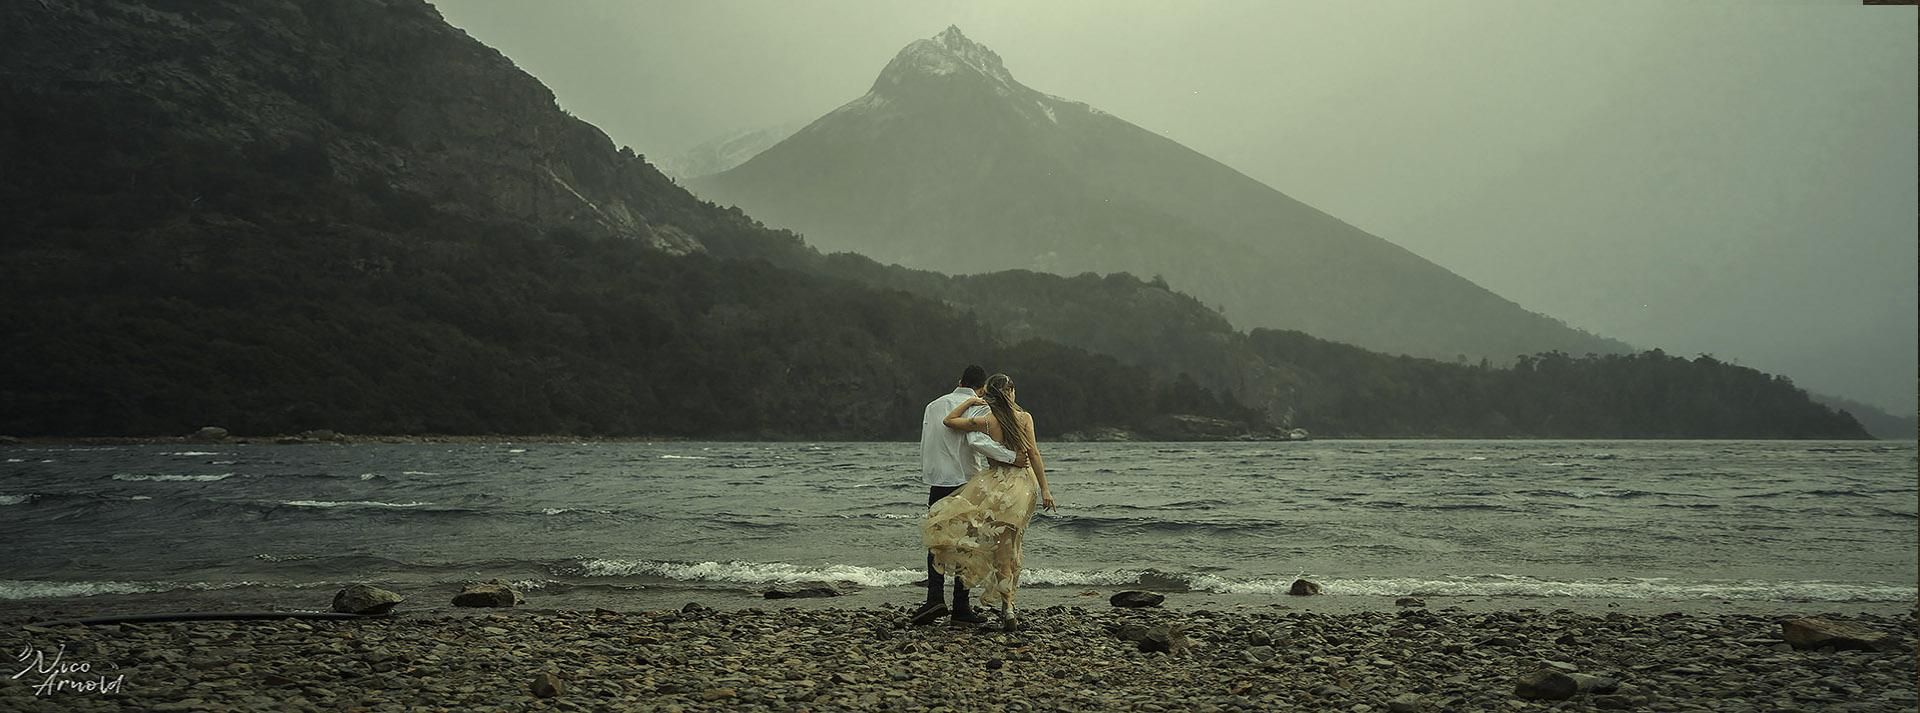 Boda en BarilocheFotografo de bodas en Bariloche Viaje romantico a BarilocheFotógrafo en la PatagoniaSesión de fotos en Bariloche Ensaio de casal Casamento no Bariloche fotógrafo de bodas a destinoSesión en la nieveFotos en la nievefotógrafo de bodas en argentinaCasamiento no Bariloche Ensaio no Bariloche